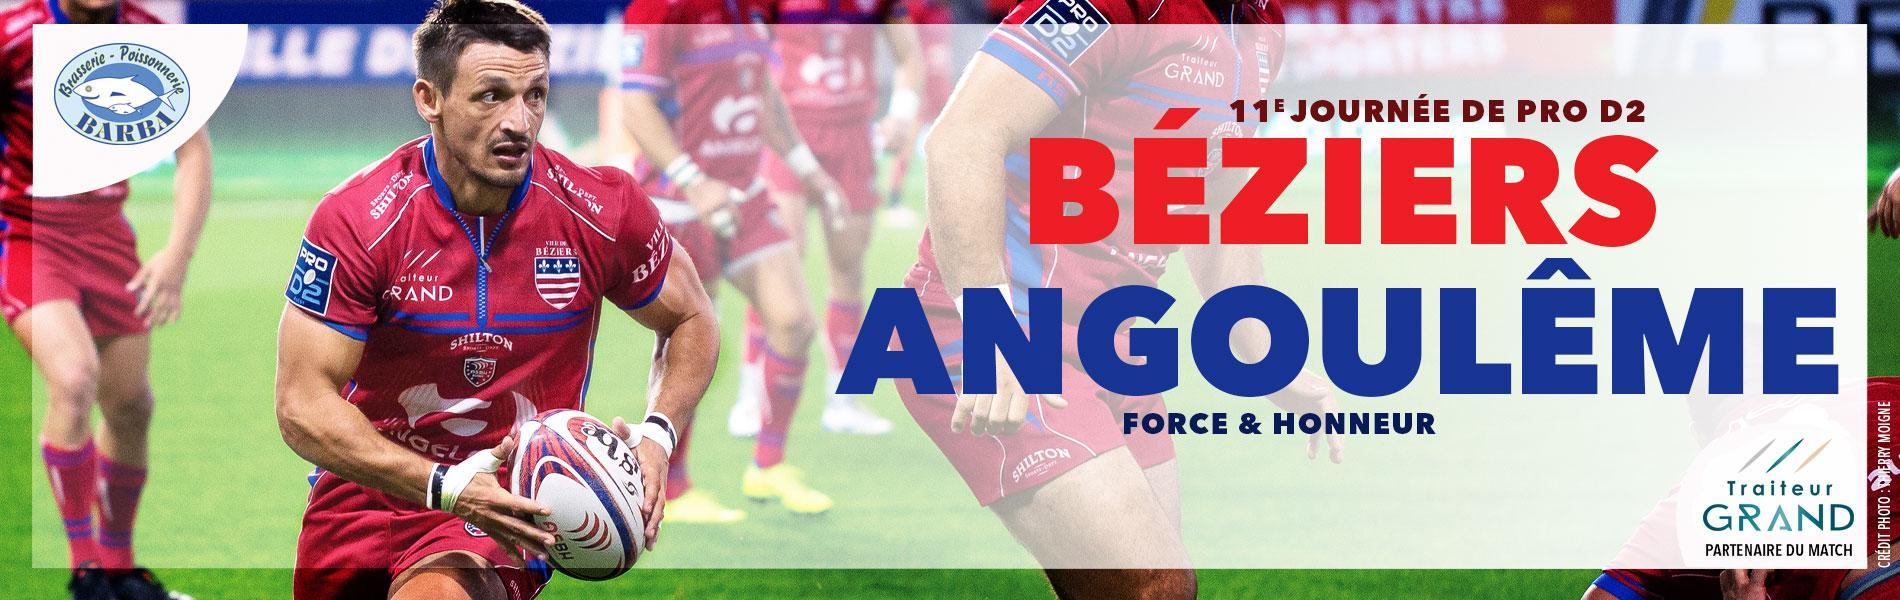 Image Billetterie prochain match à domicile : Béziers / Angoulême (15 nov. 20h).